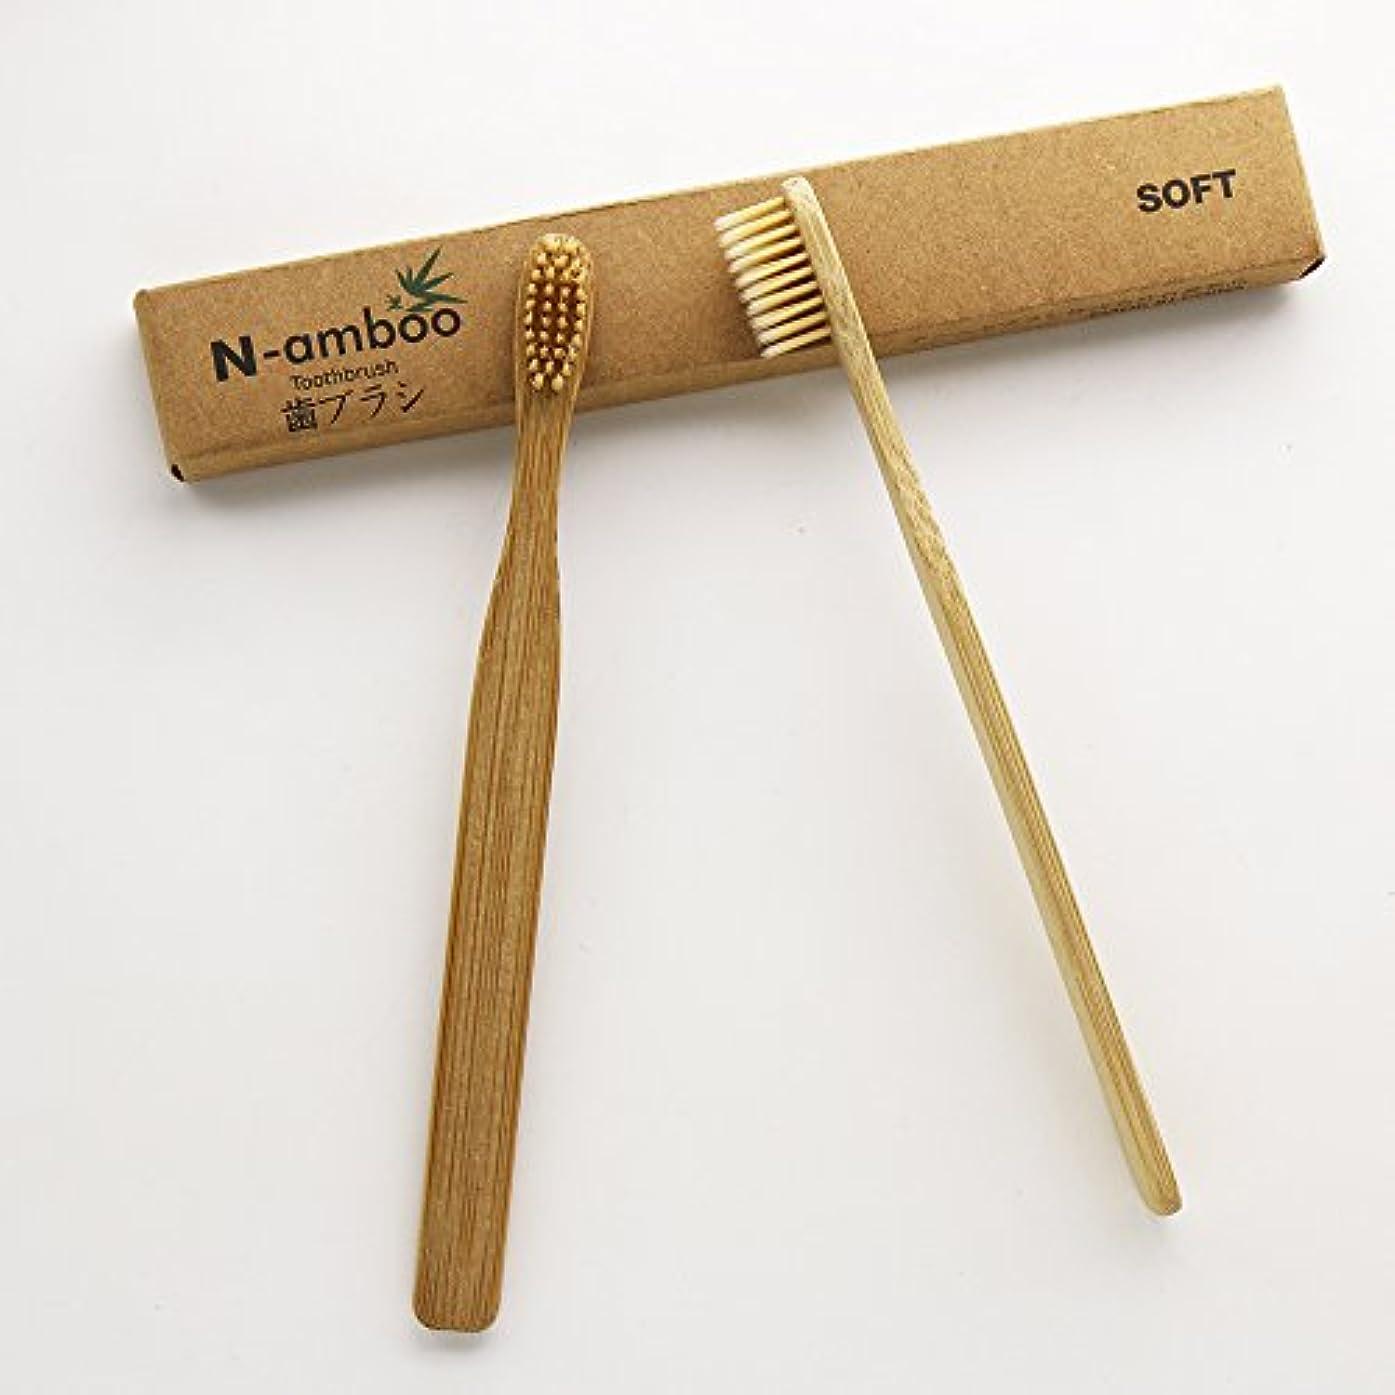 N-amboo 竹製 歯ブラシ 高耐久性 セット エコ ハンドル大きめ ベージュ (2本)